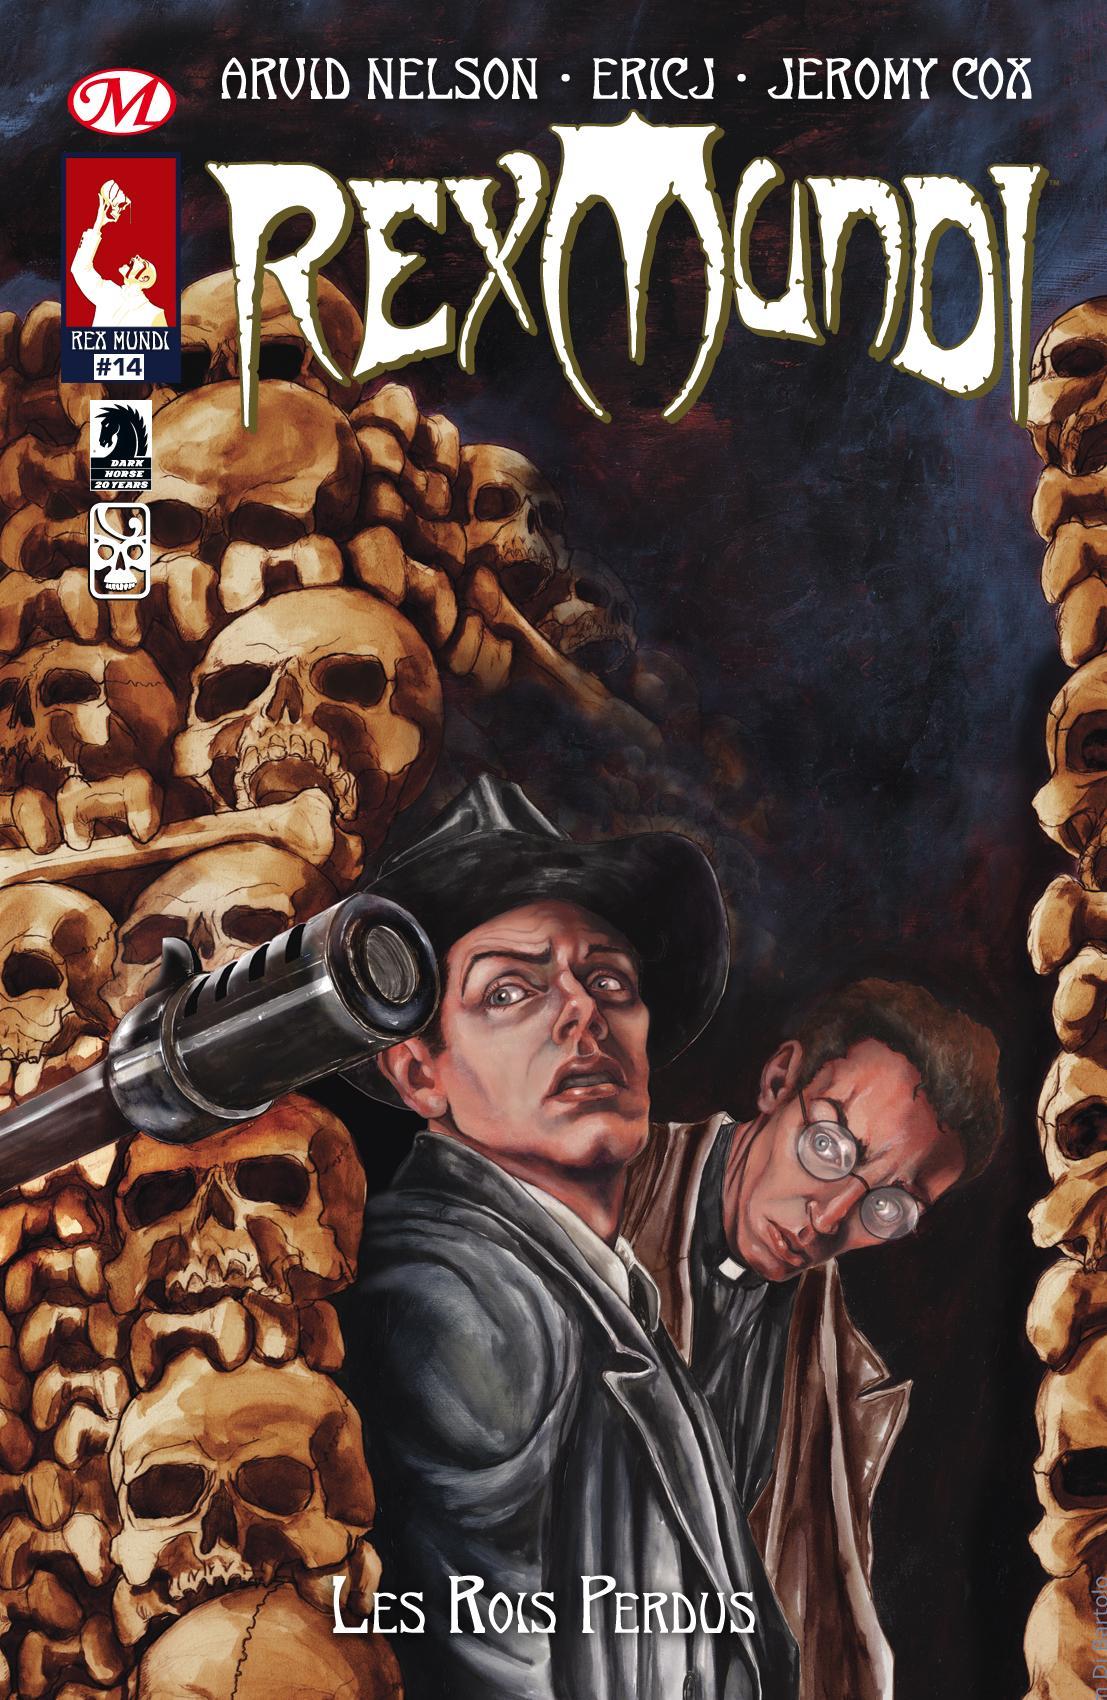 Rex Mundi #14, REX MUNDI, T3